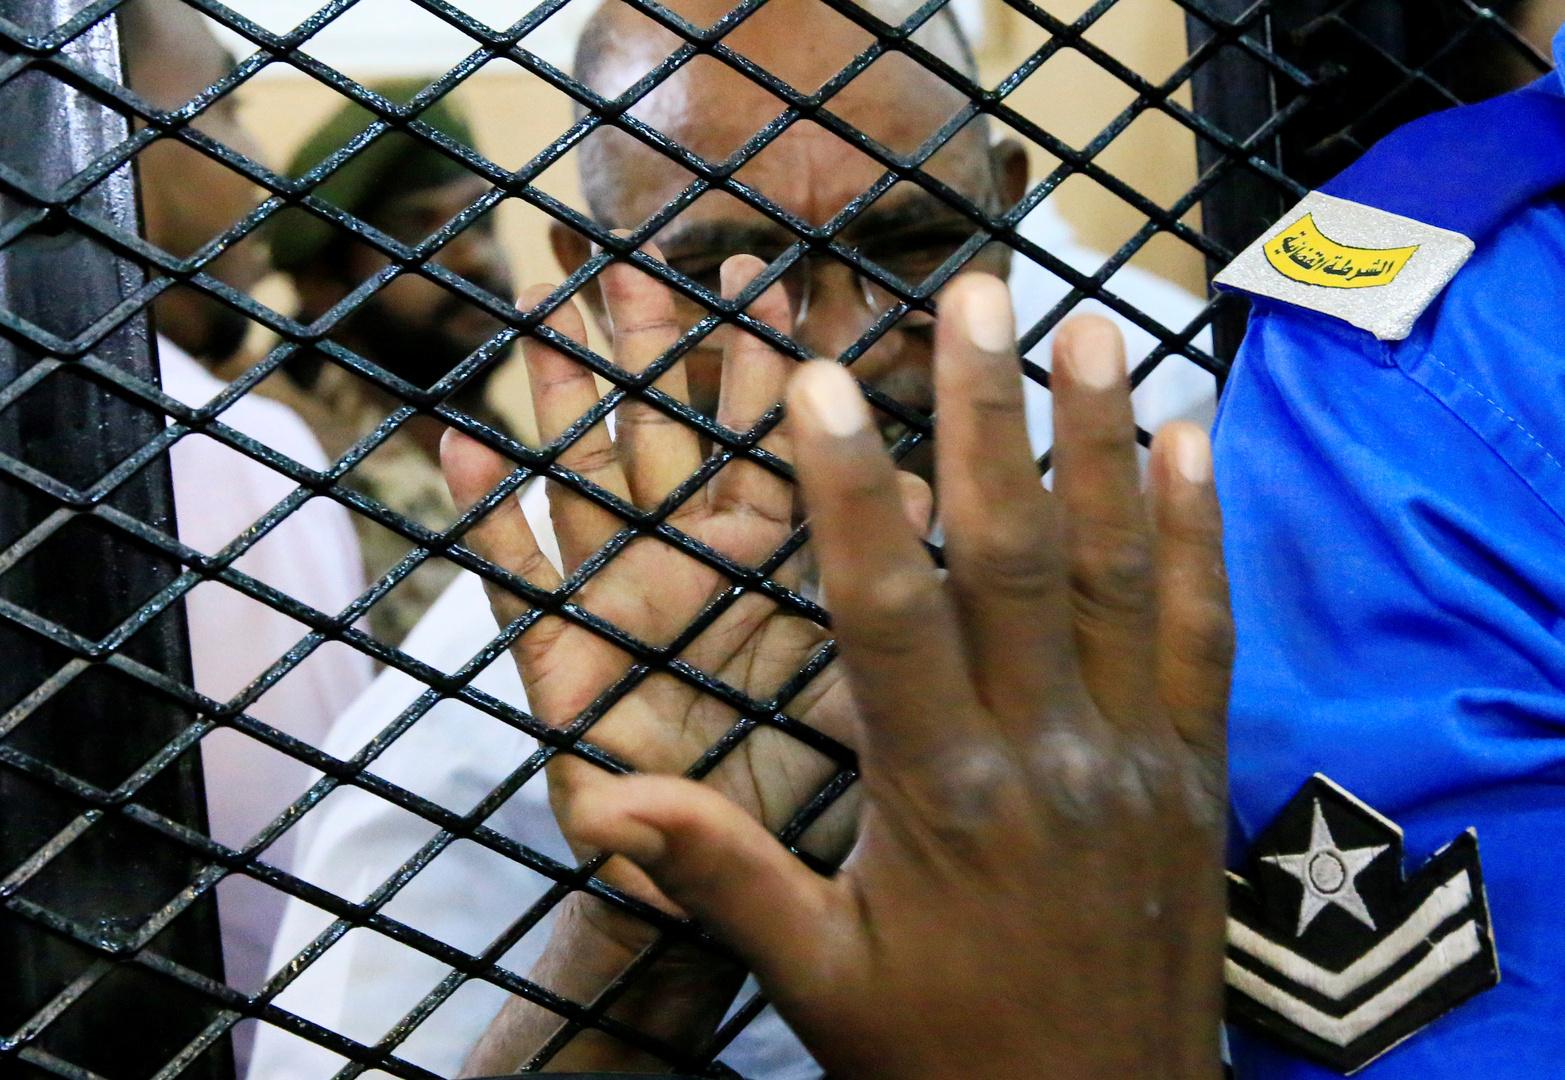 وفد من المحكمة الجنائية يزور الخرطوم لتحقيق العدالة لضحايا دارفور